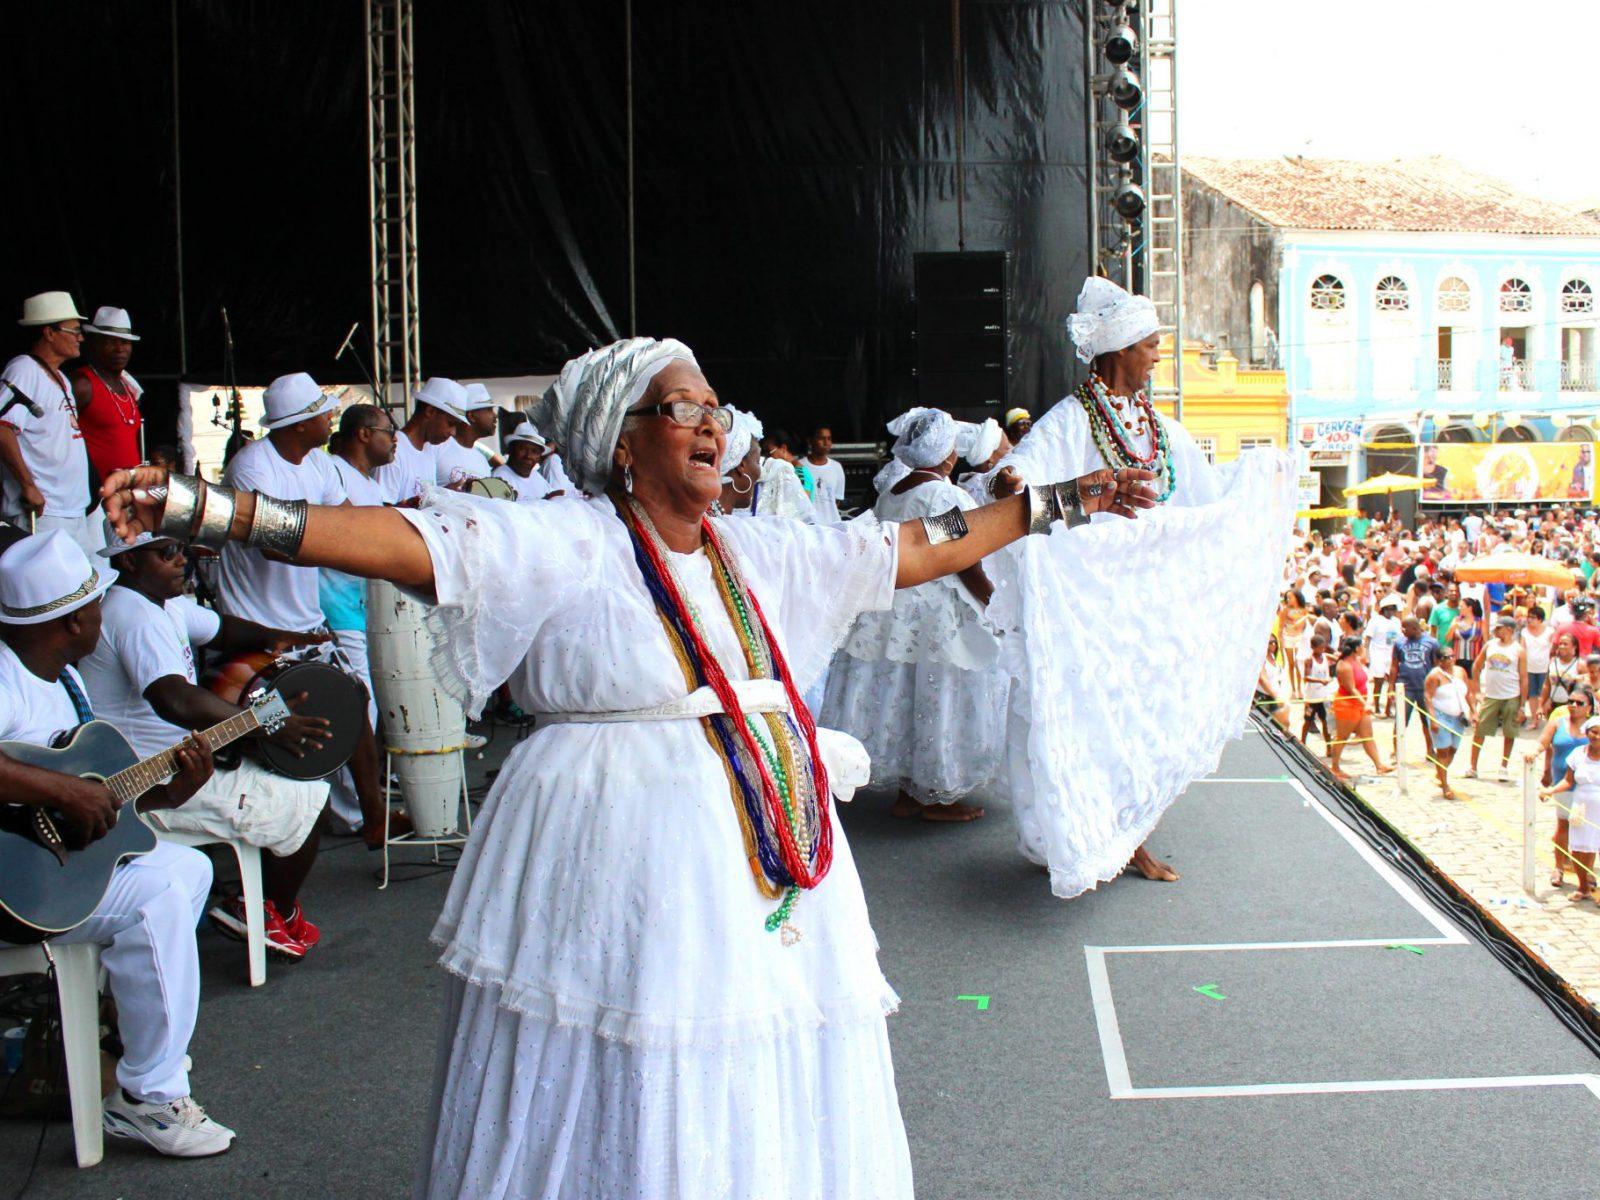 Nicinha do Samba e Raízes de Santo Amaro e Pai Gilson na Festa da Purificação. Santo Amaro-BA, Janeiro de 2015. ©Nina Graeff.